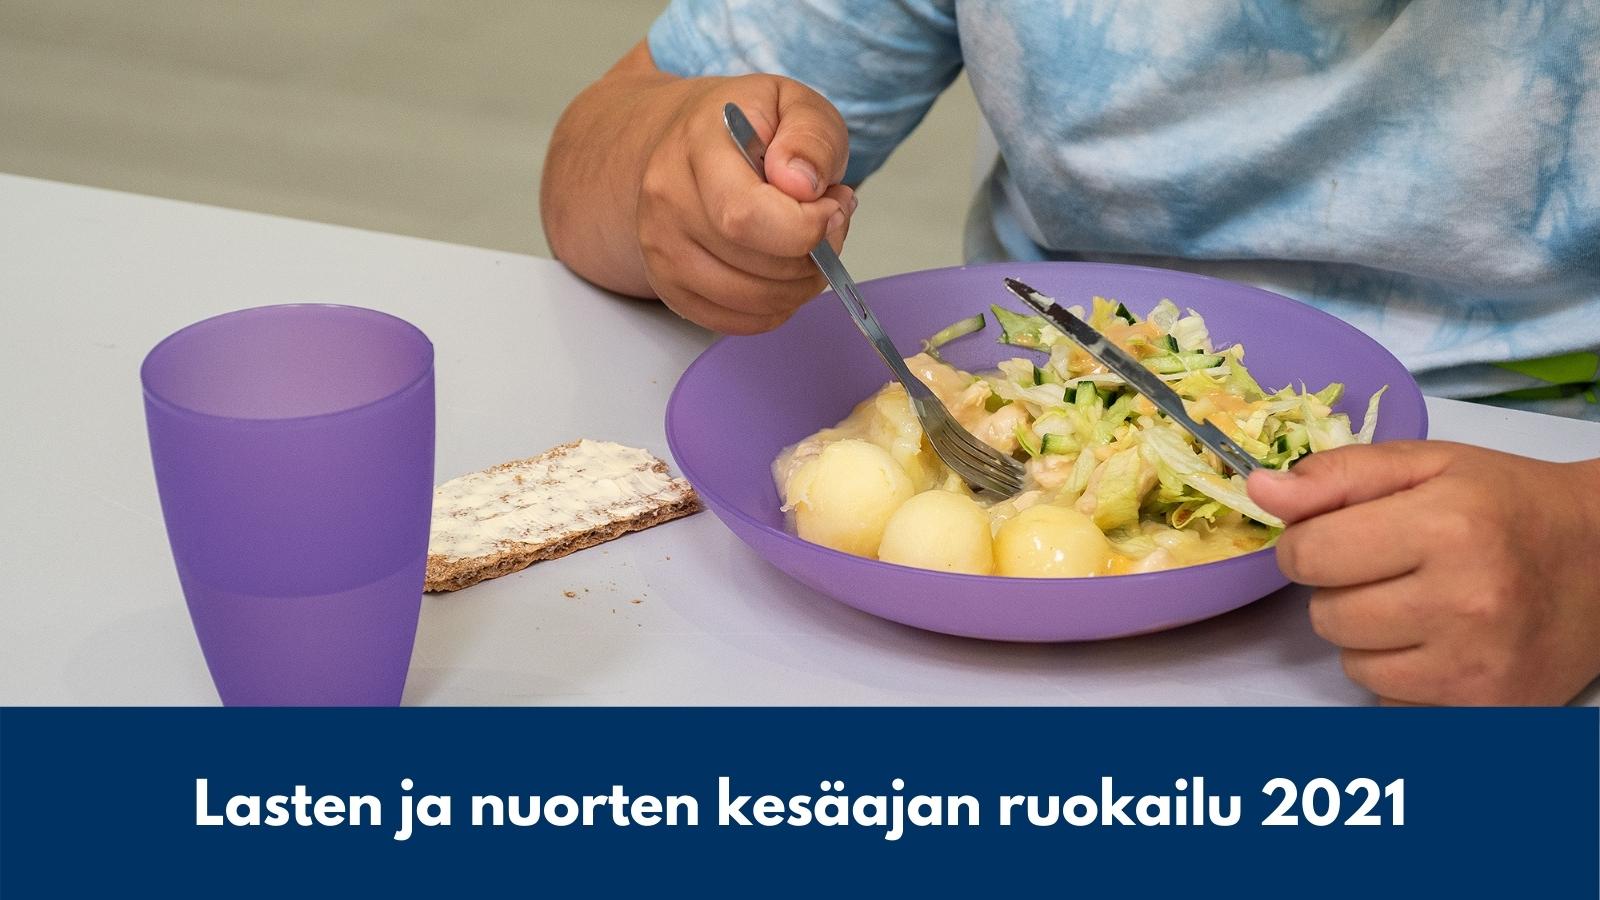 Lasten ja nuorten kesäajan ruokailu 2021